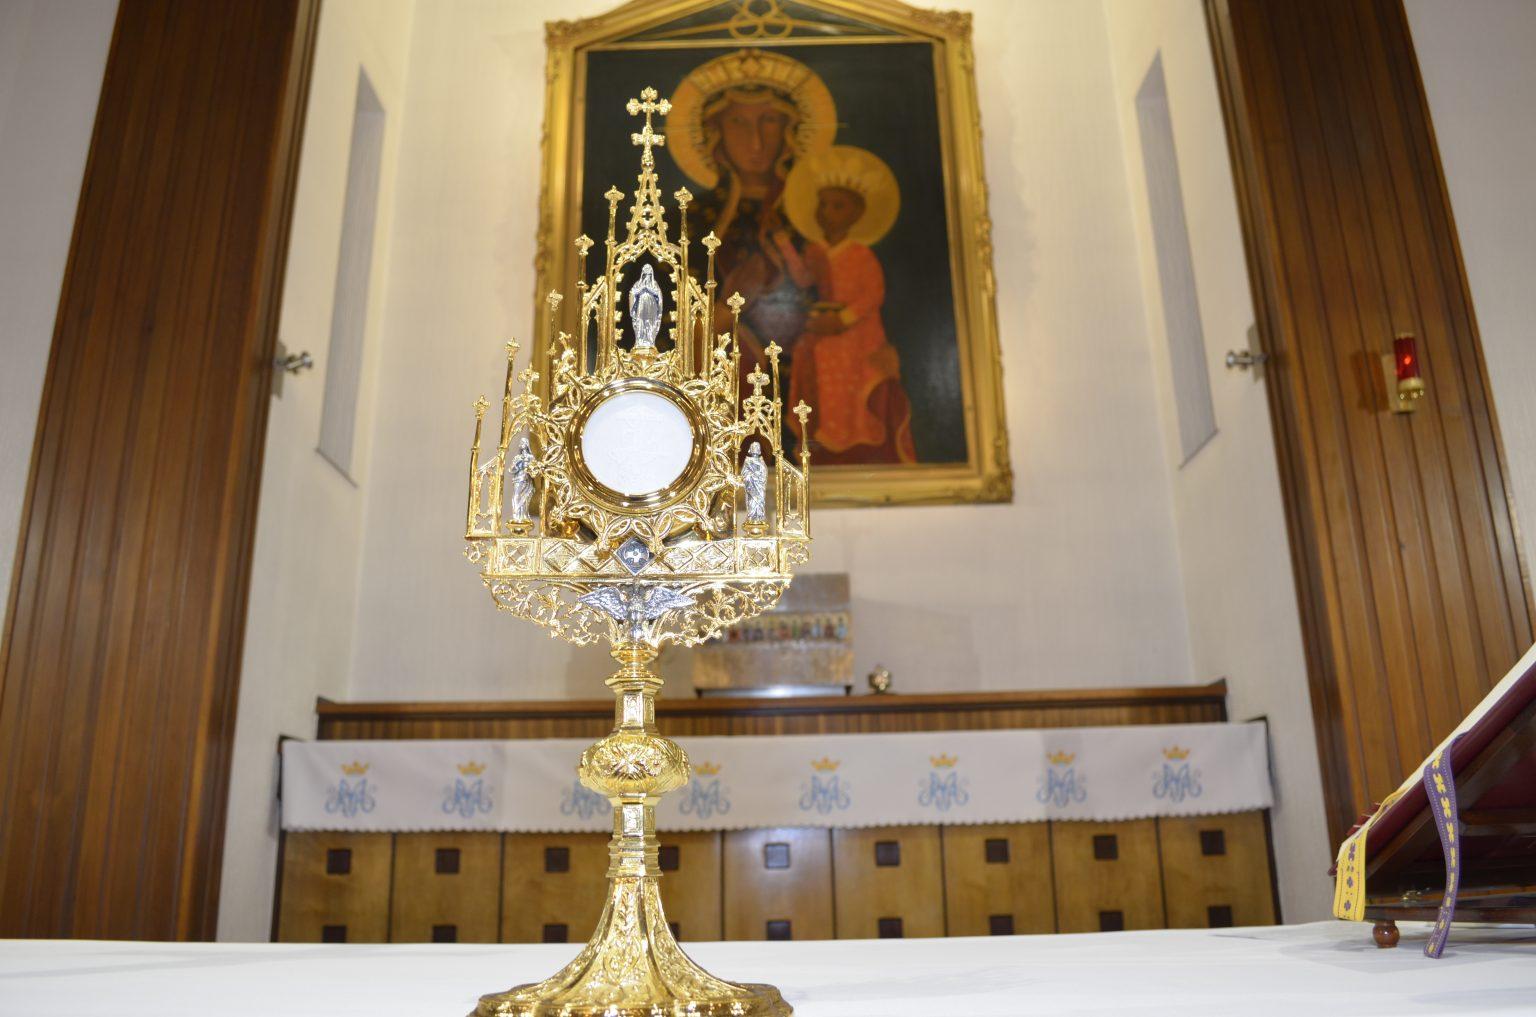 Eucharystia to Żywy, Zmartwychwstały Chrystus